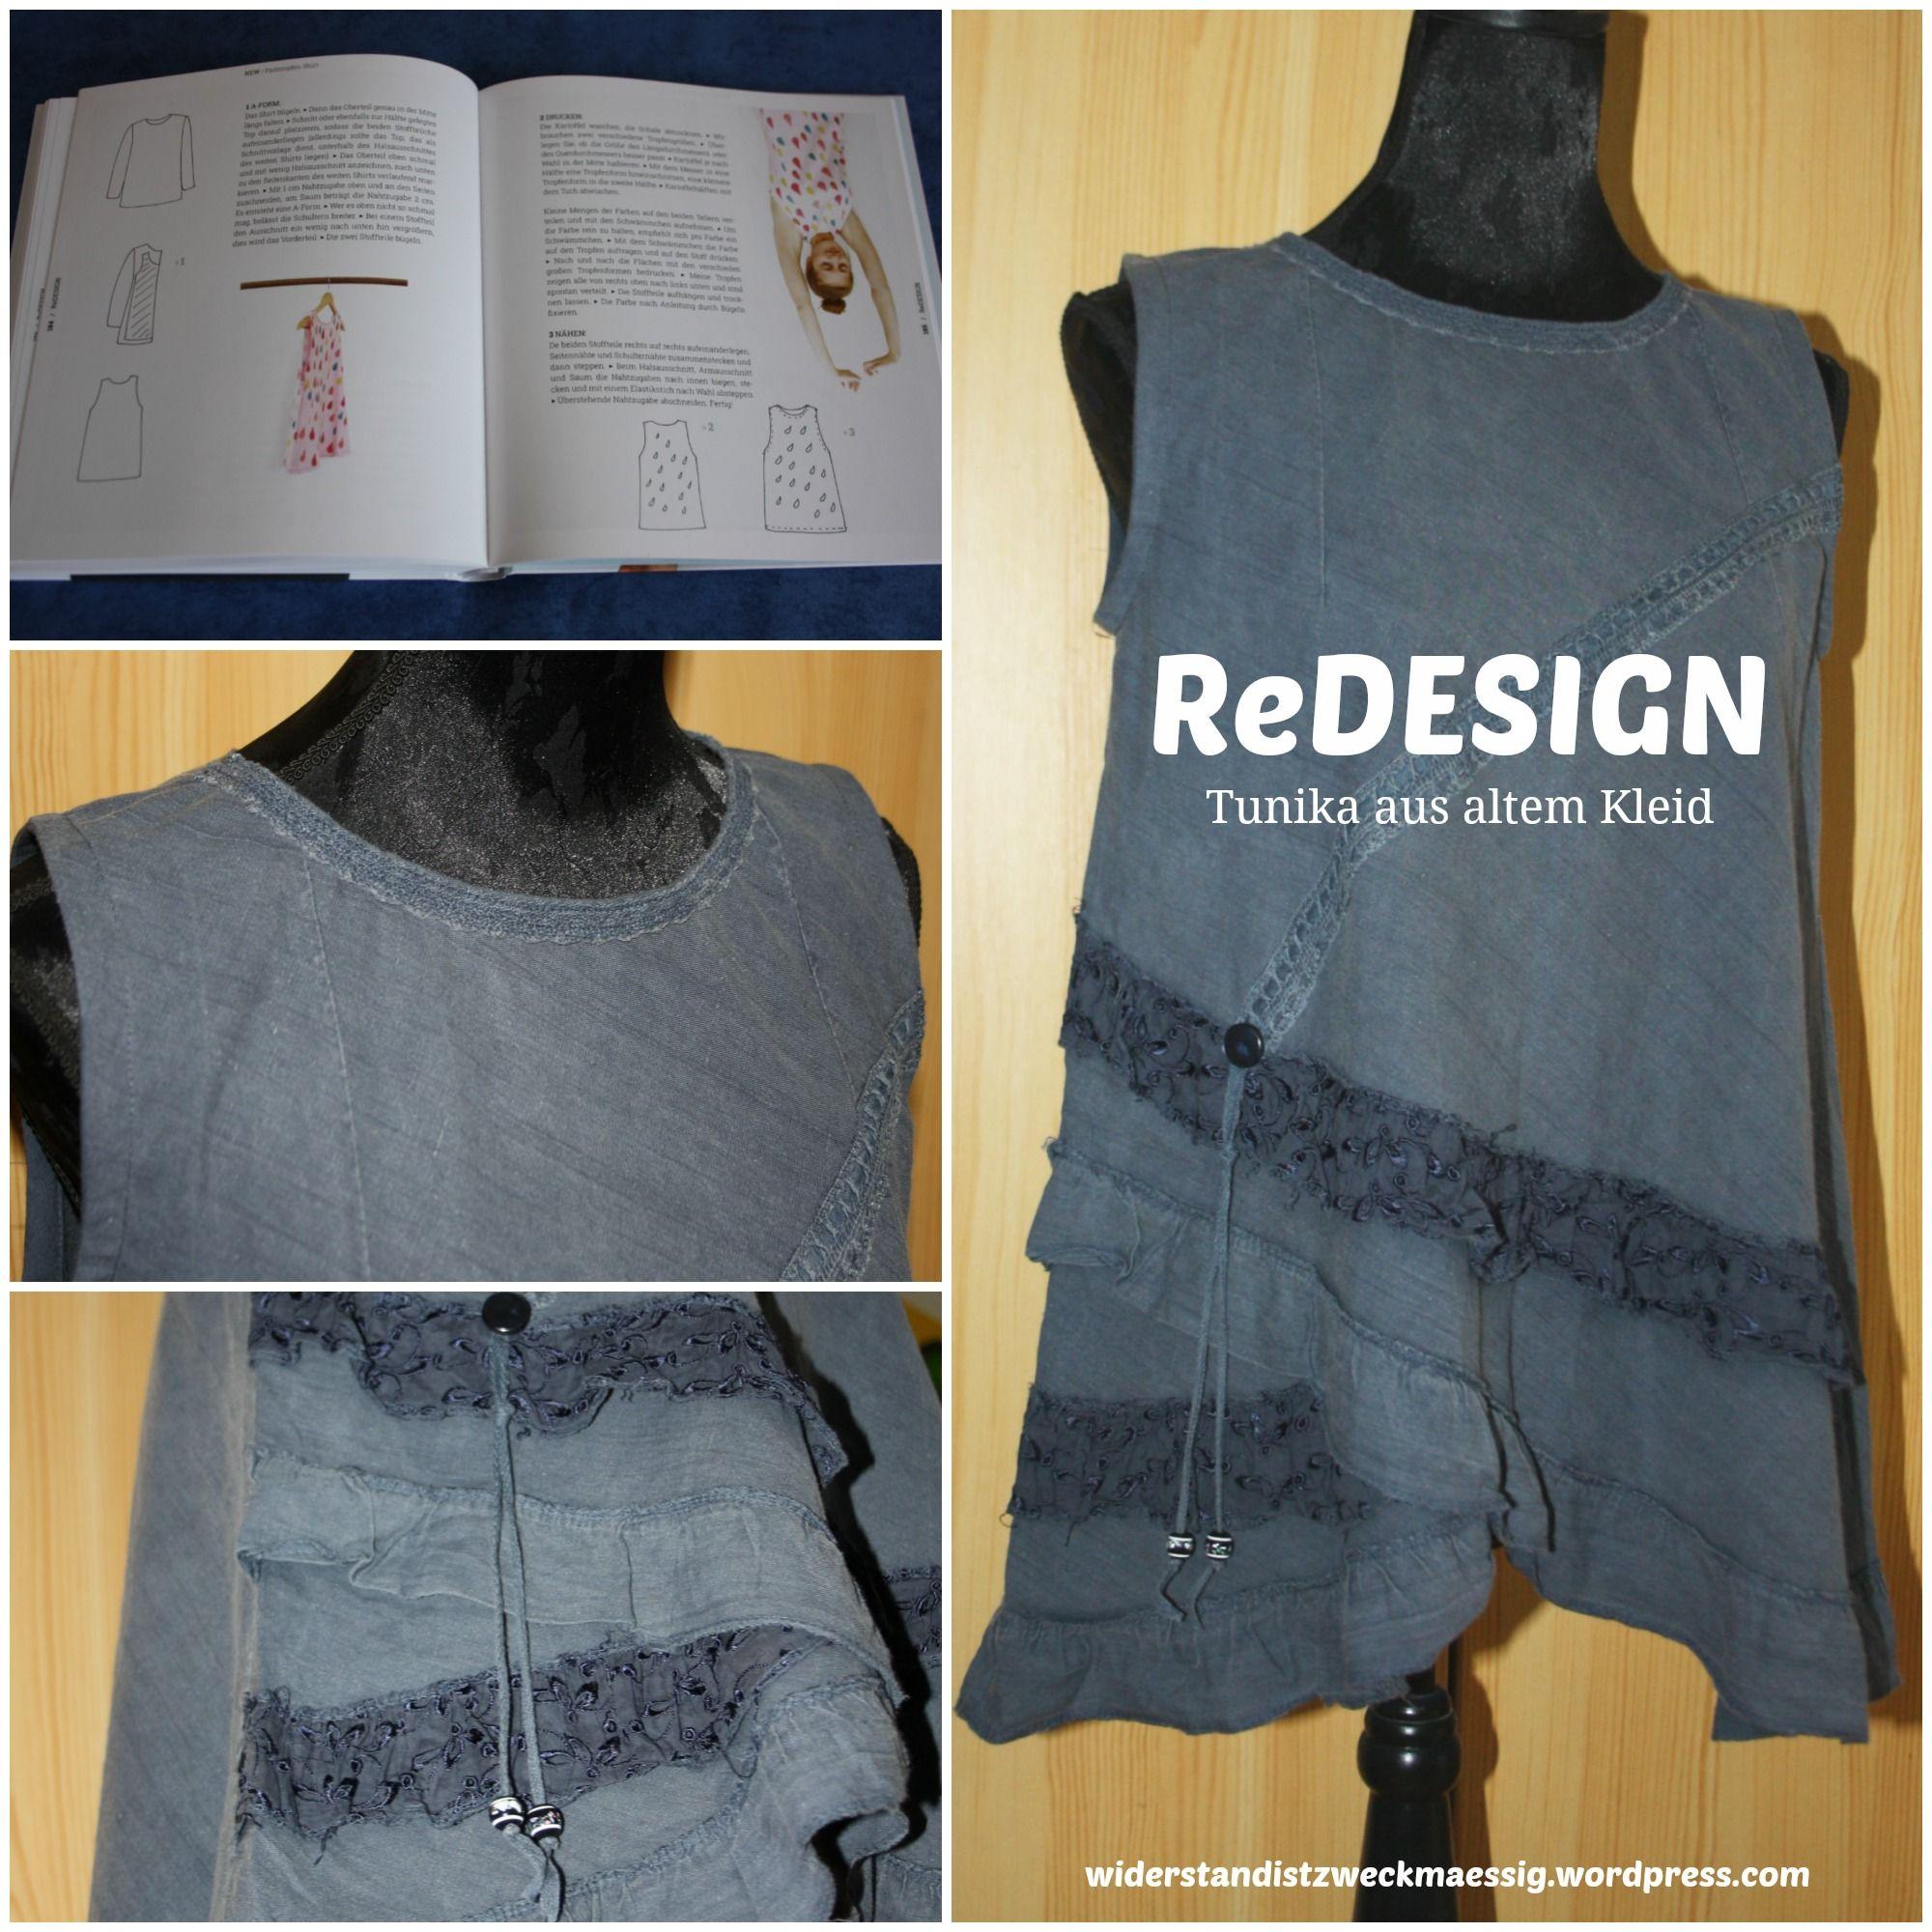 ReDESIGN – Neues nähen aus alten Kleidern [nachgemacht: Tunika aus ...